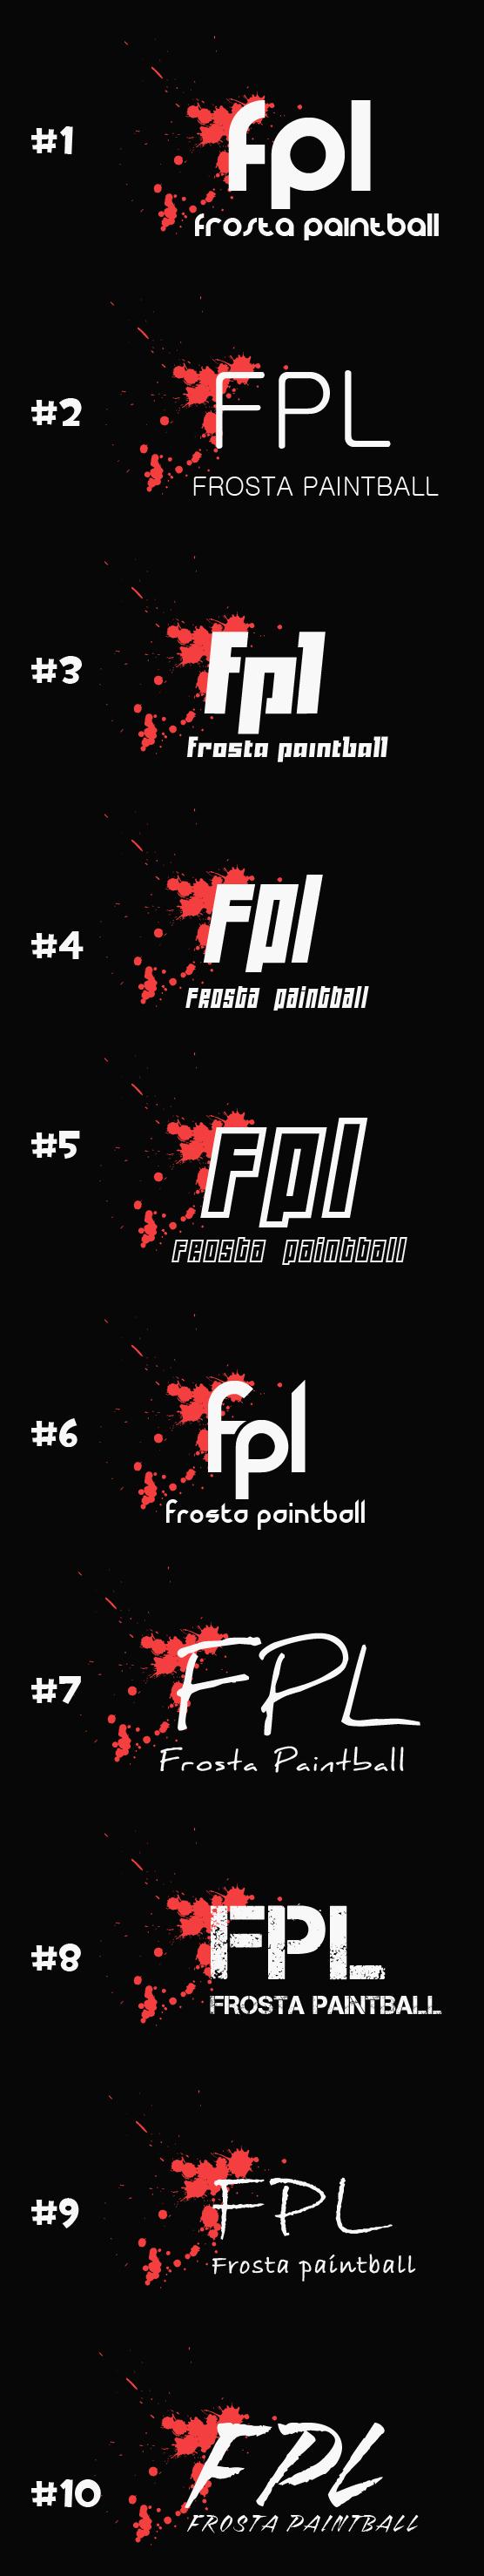 frostapaintball.se/FPL_overall.jpg